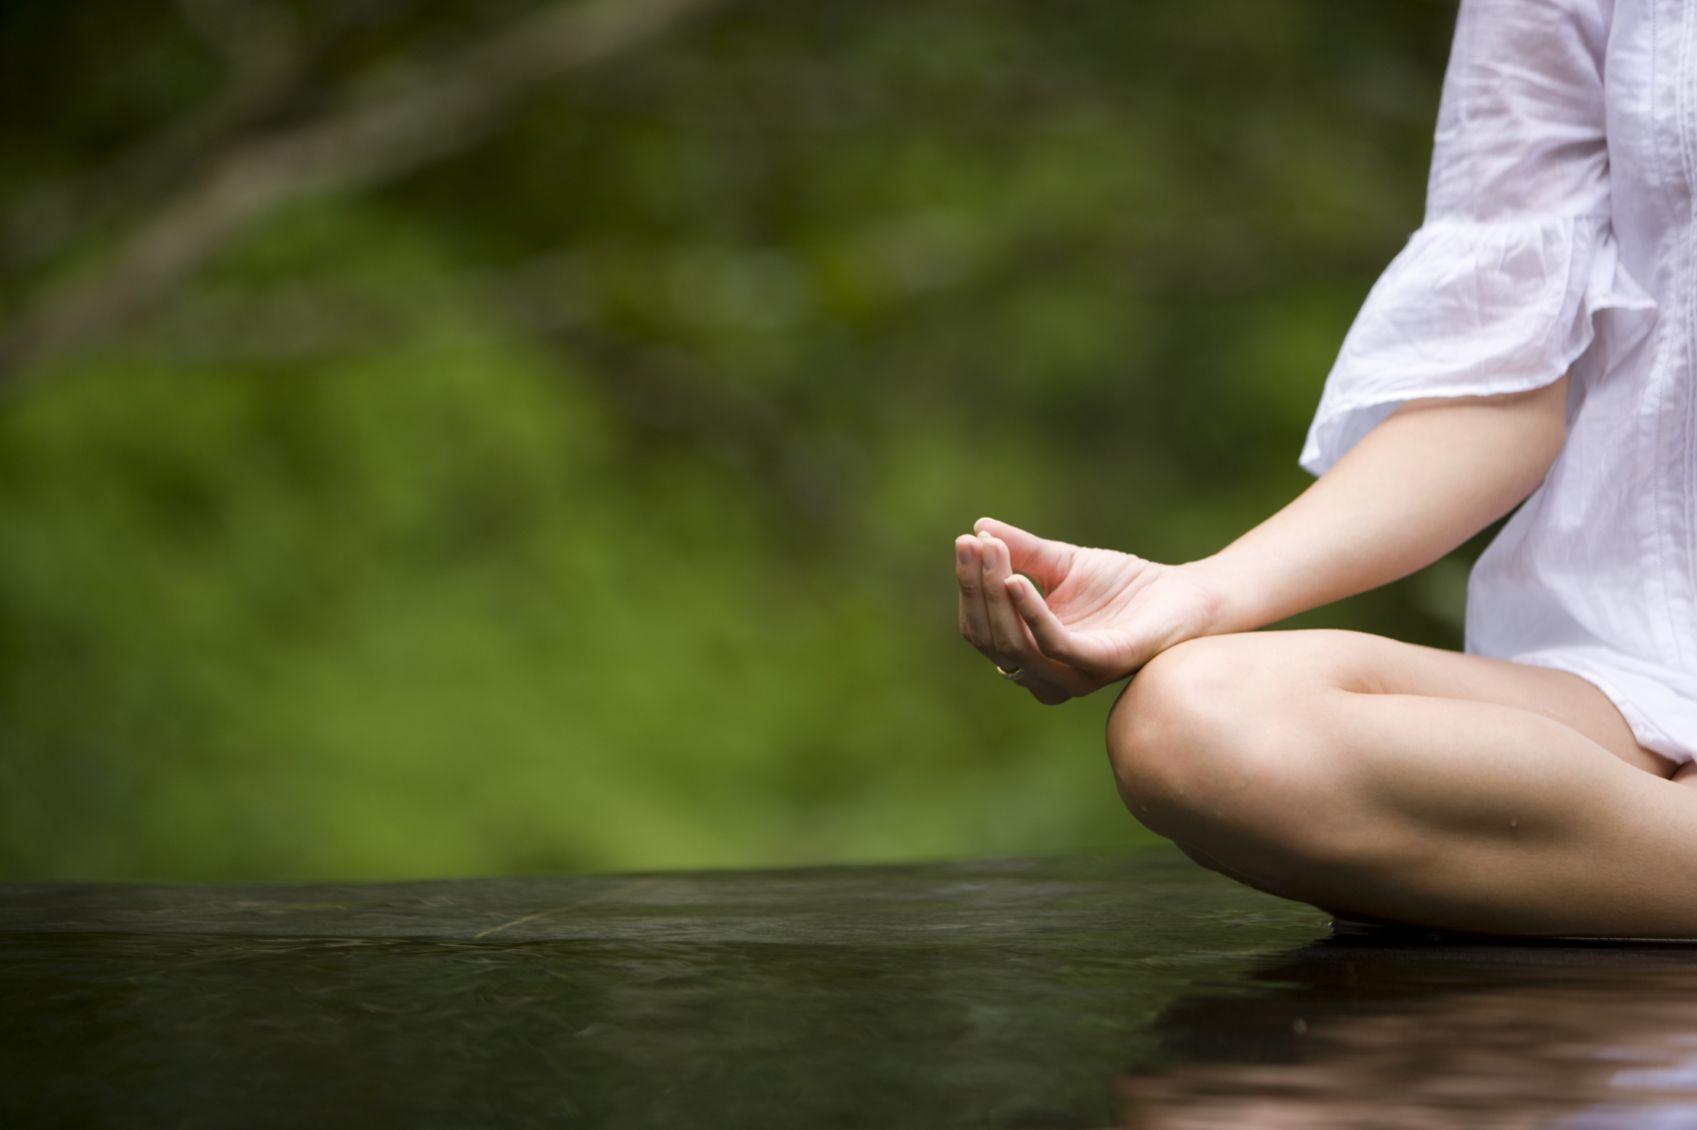 Meditación para conectar y descansar la mentee la felicidad?